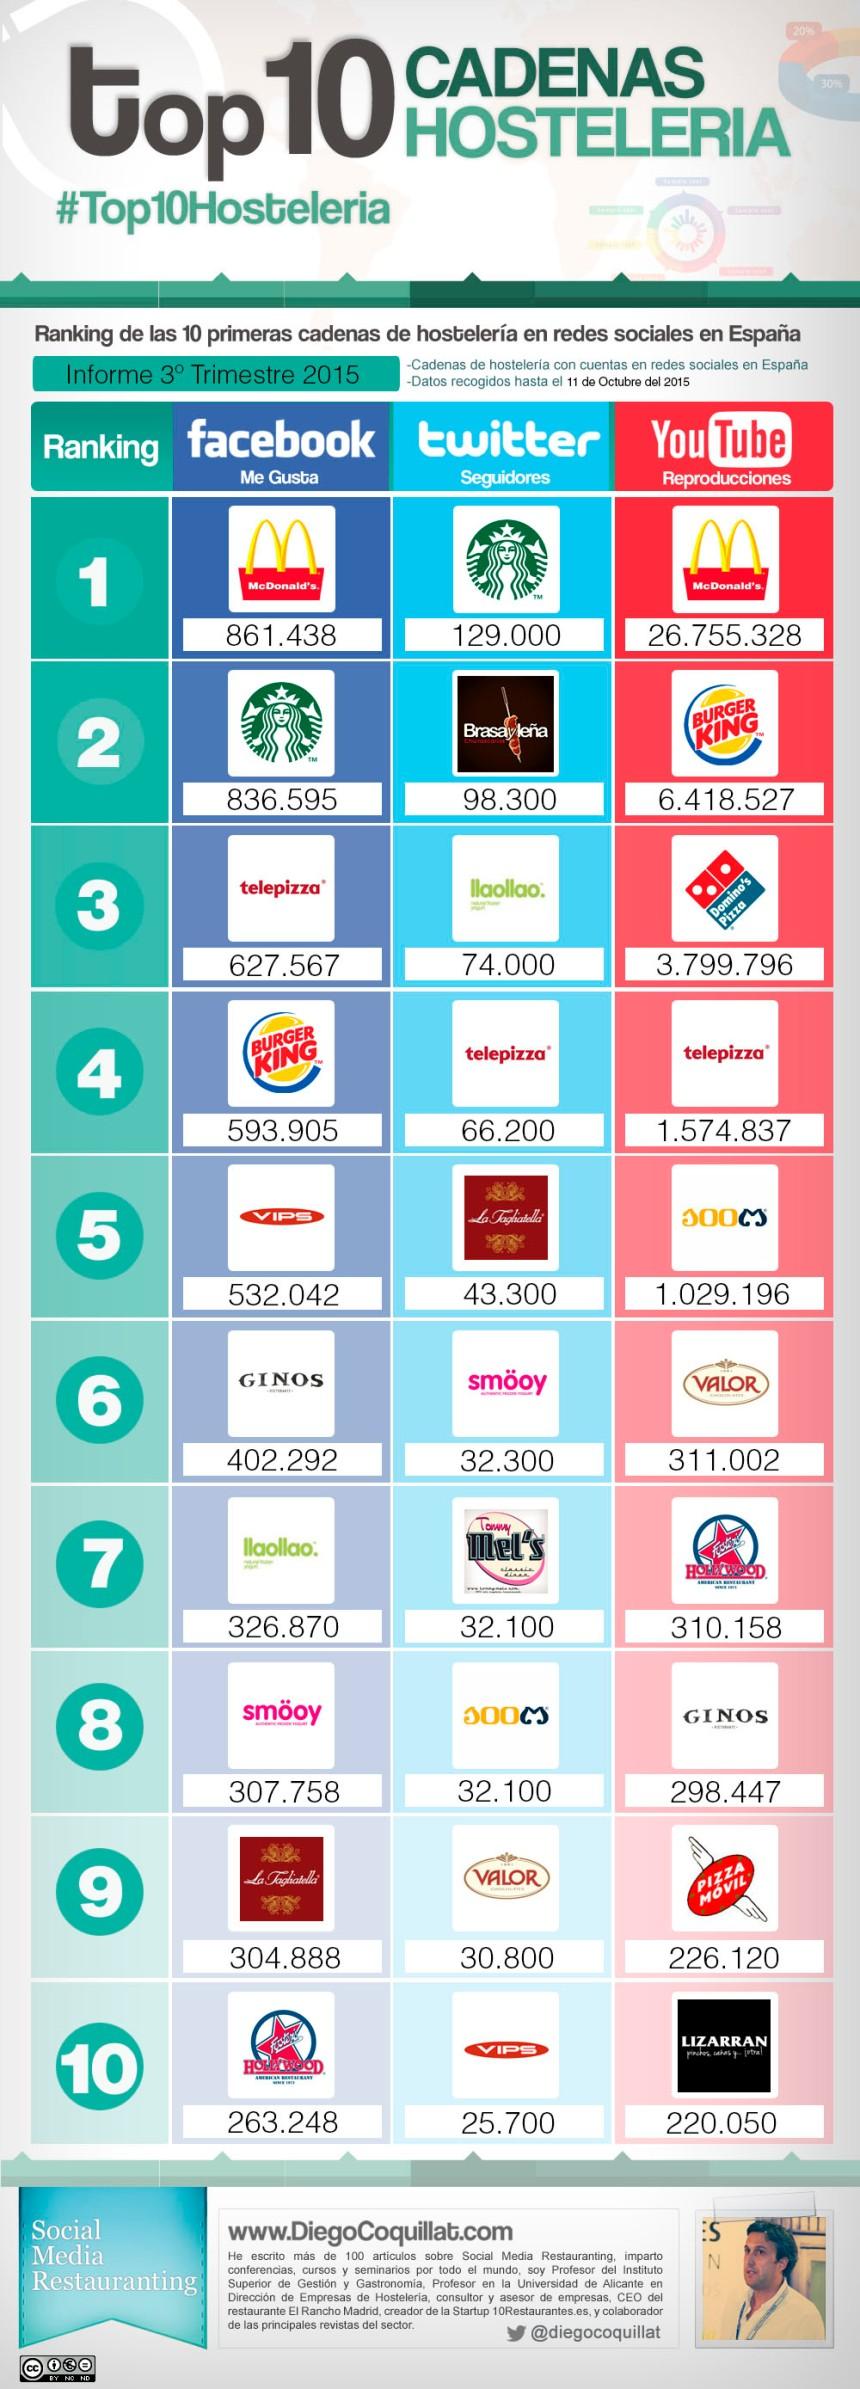 Top 10 cadenas hostelería en Redes Sociales (España 3T/2015)